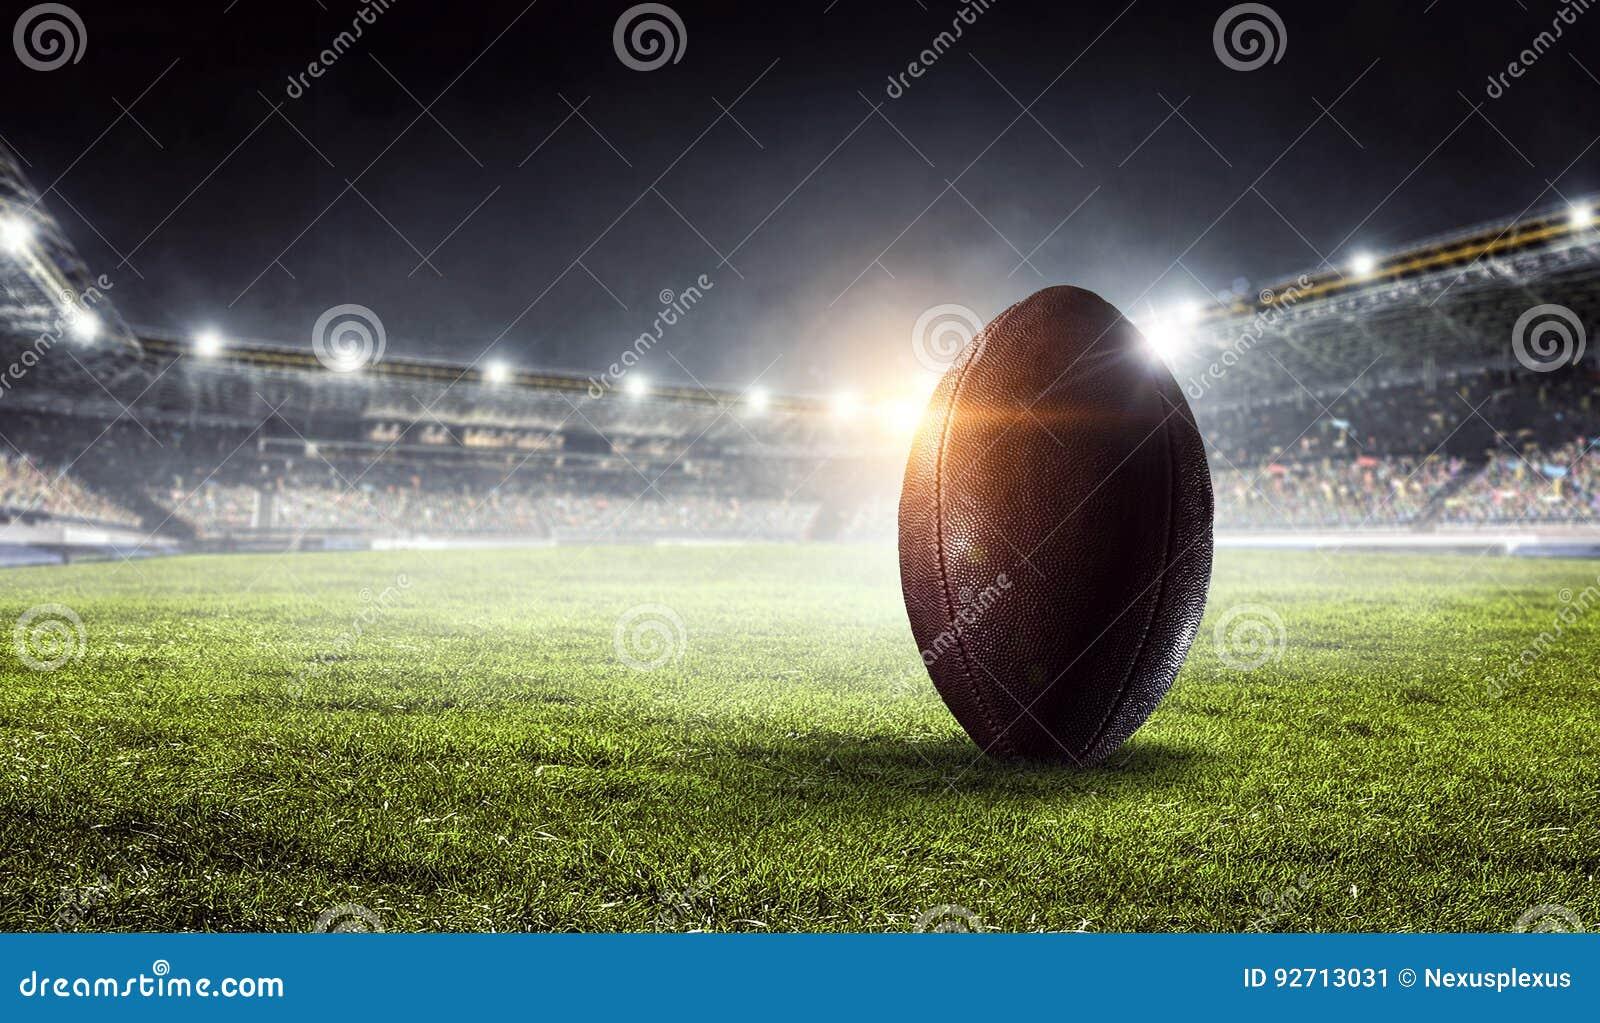 Χώρος αμερικανικού ποδοσφαίρου Μικτά μέσα Μικτά μέσα